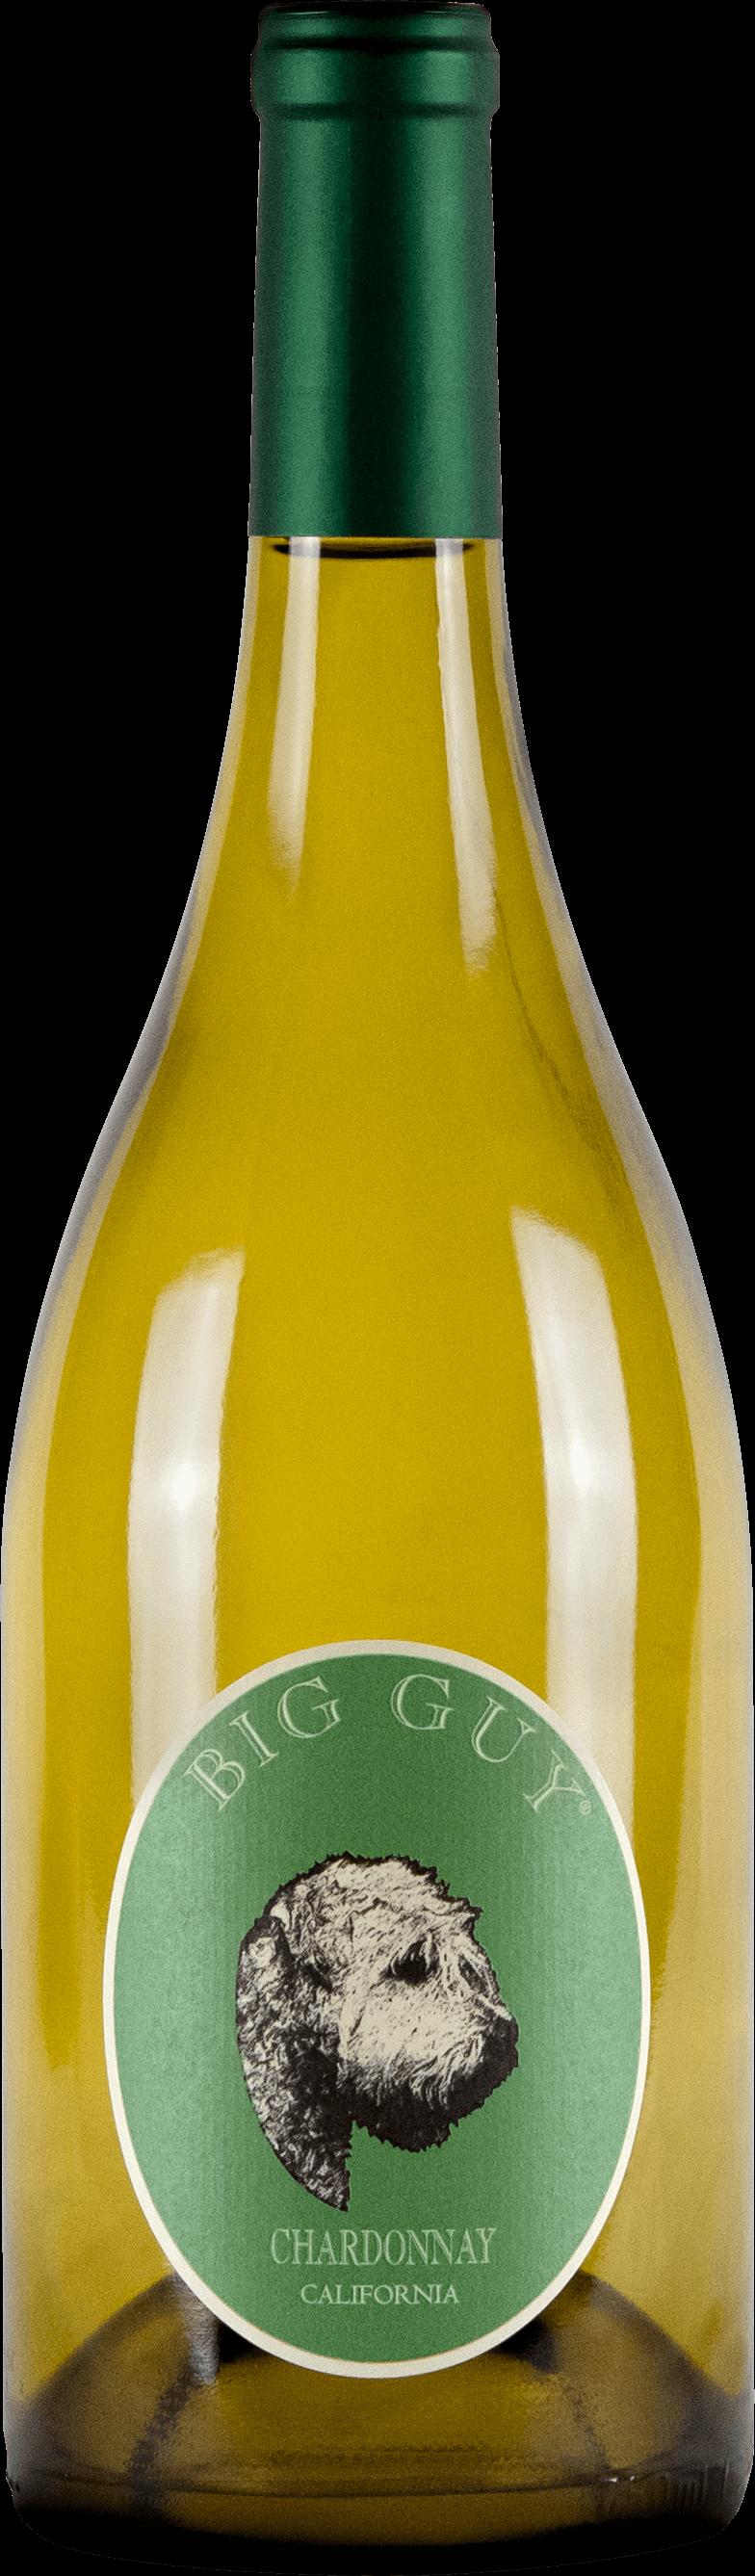 Big Guy Chardonnay Bottleshot